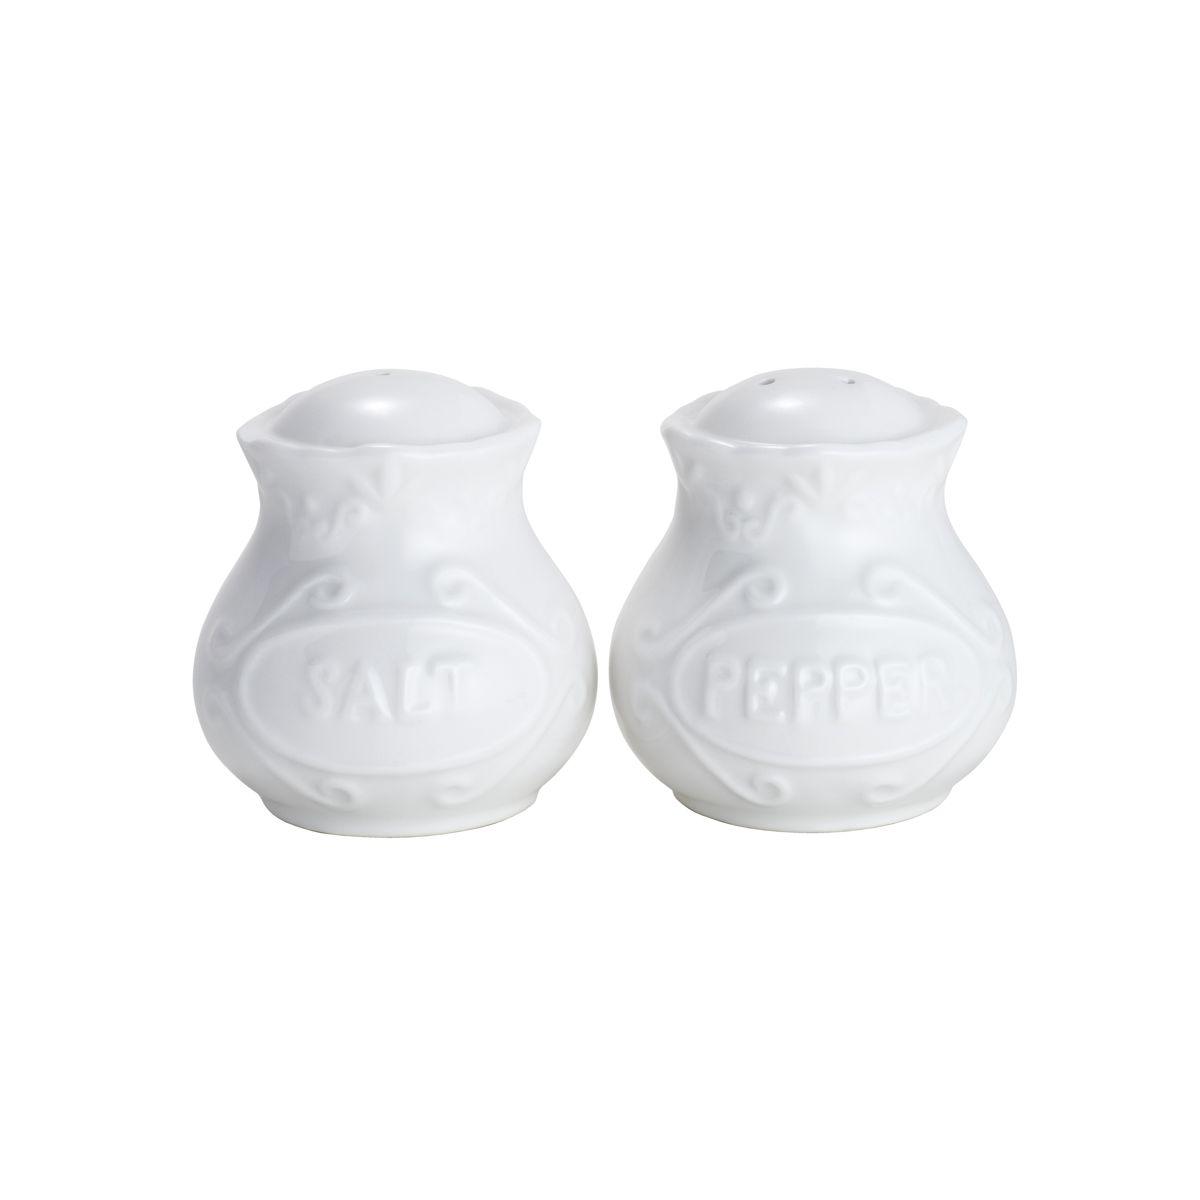 Saleiro e Pimenteiro Wolff Alto Relevo Branco em Porcelana 25099 - 2 Peças